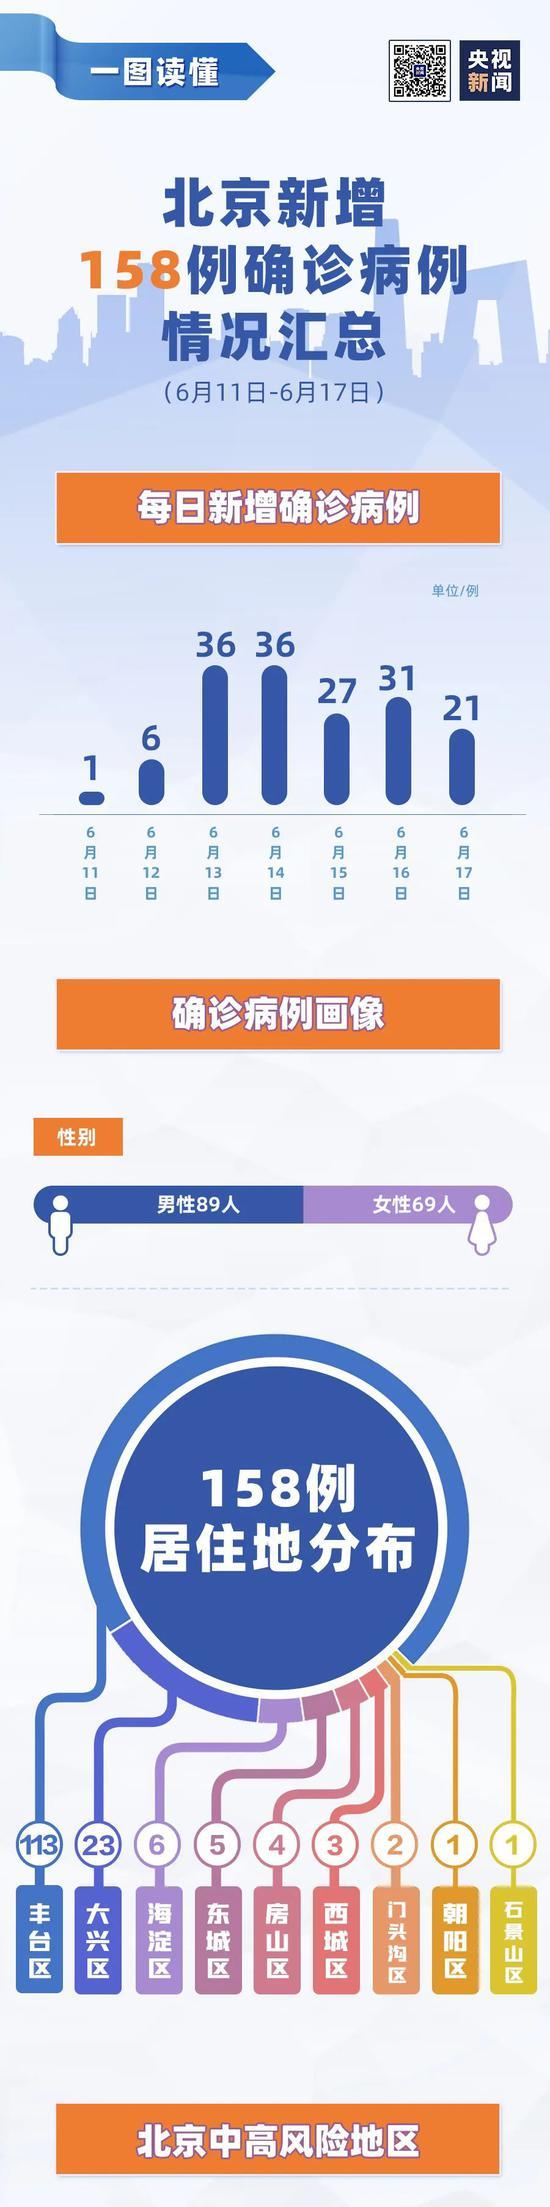 北京7天新增158例 病例情况汇总一图了解图片